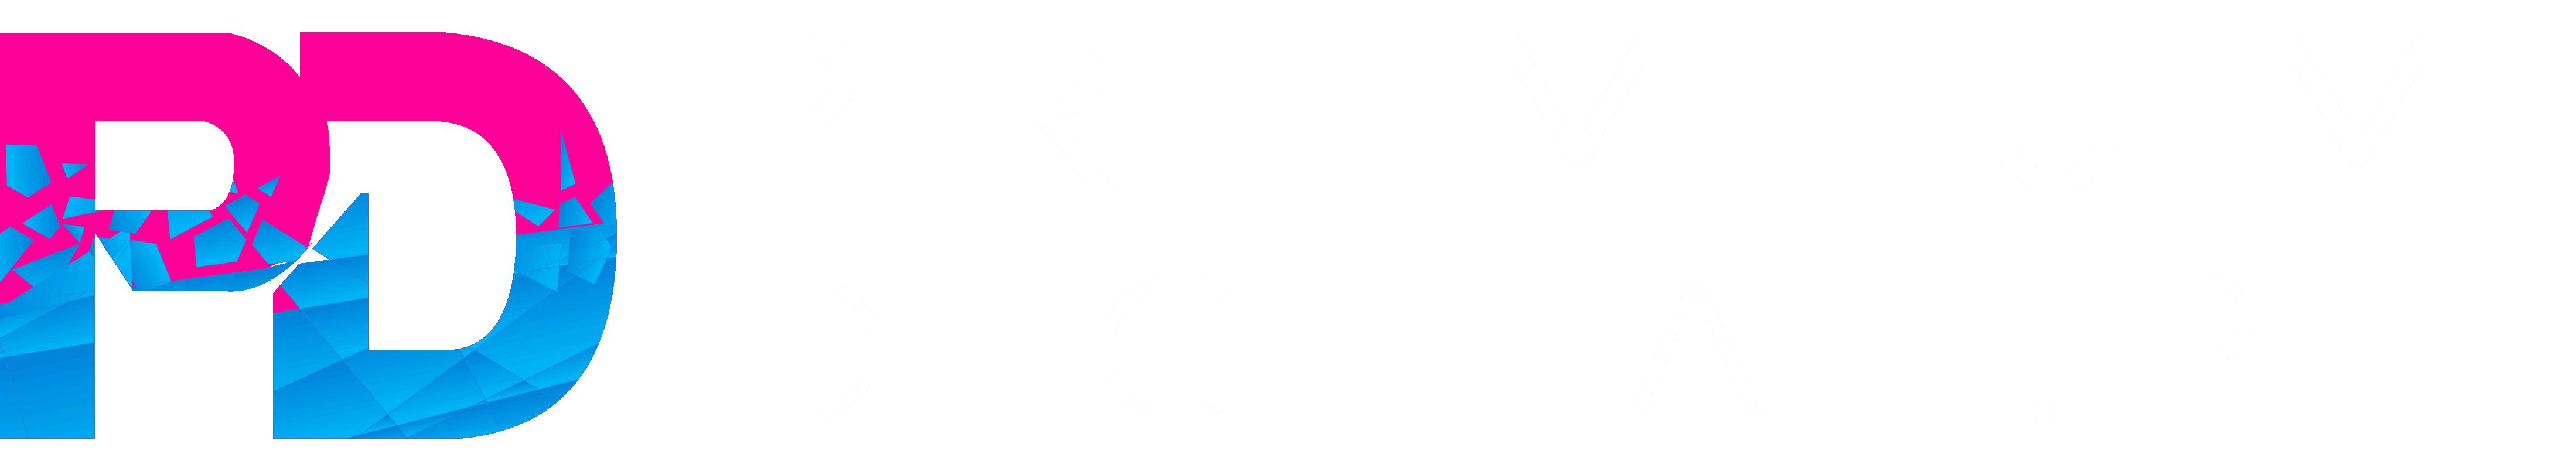 new-premium-logo 23